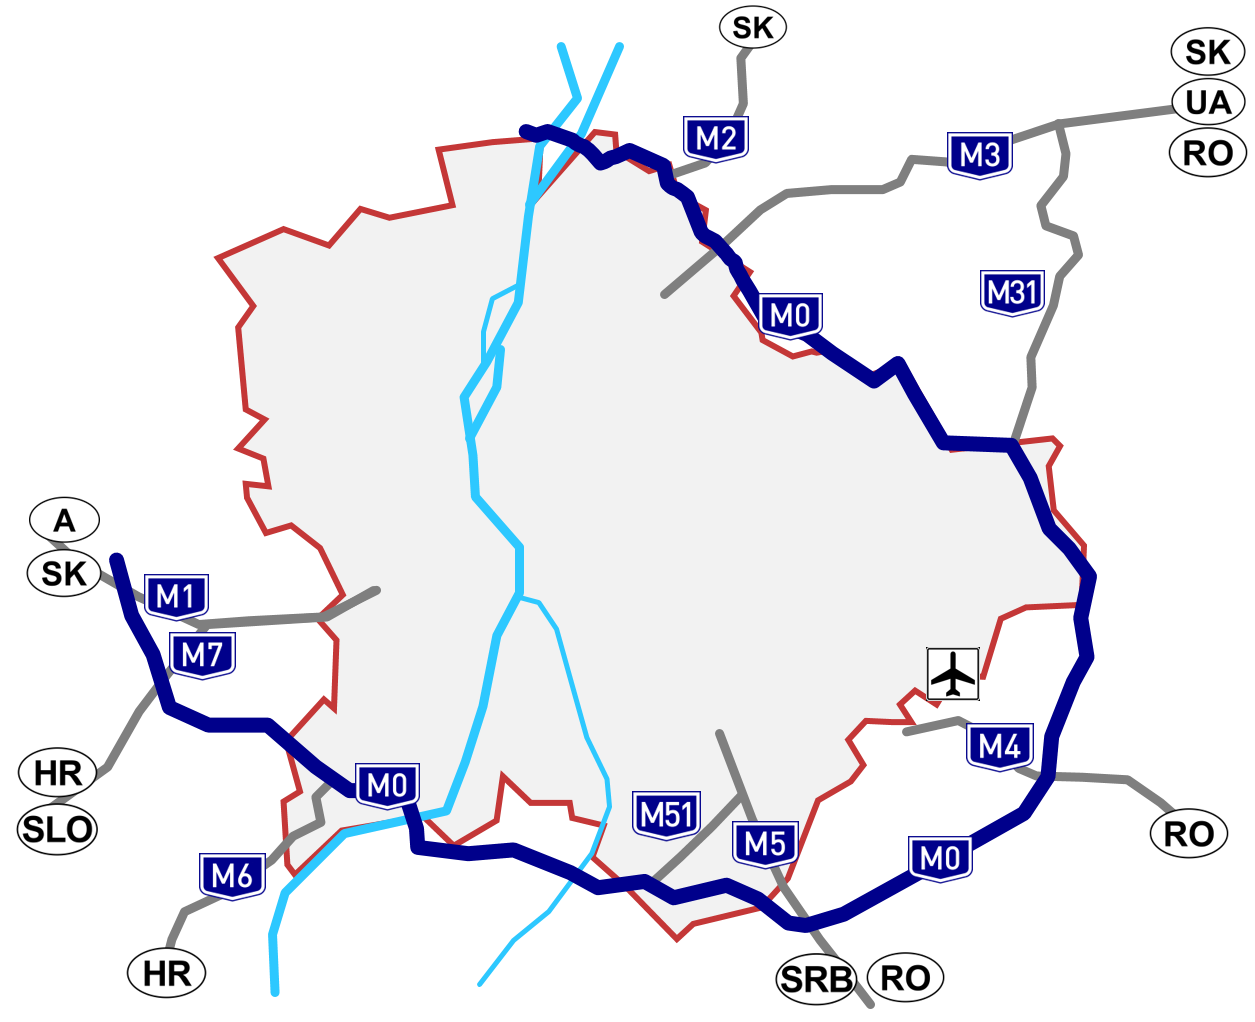 m0 budapest térkép File:M0 térkép.png   Wikimedia Commons m0 budapest térkép